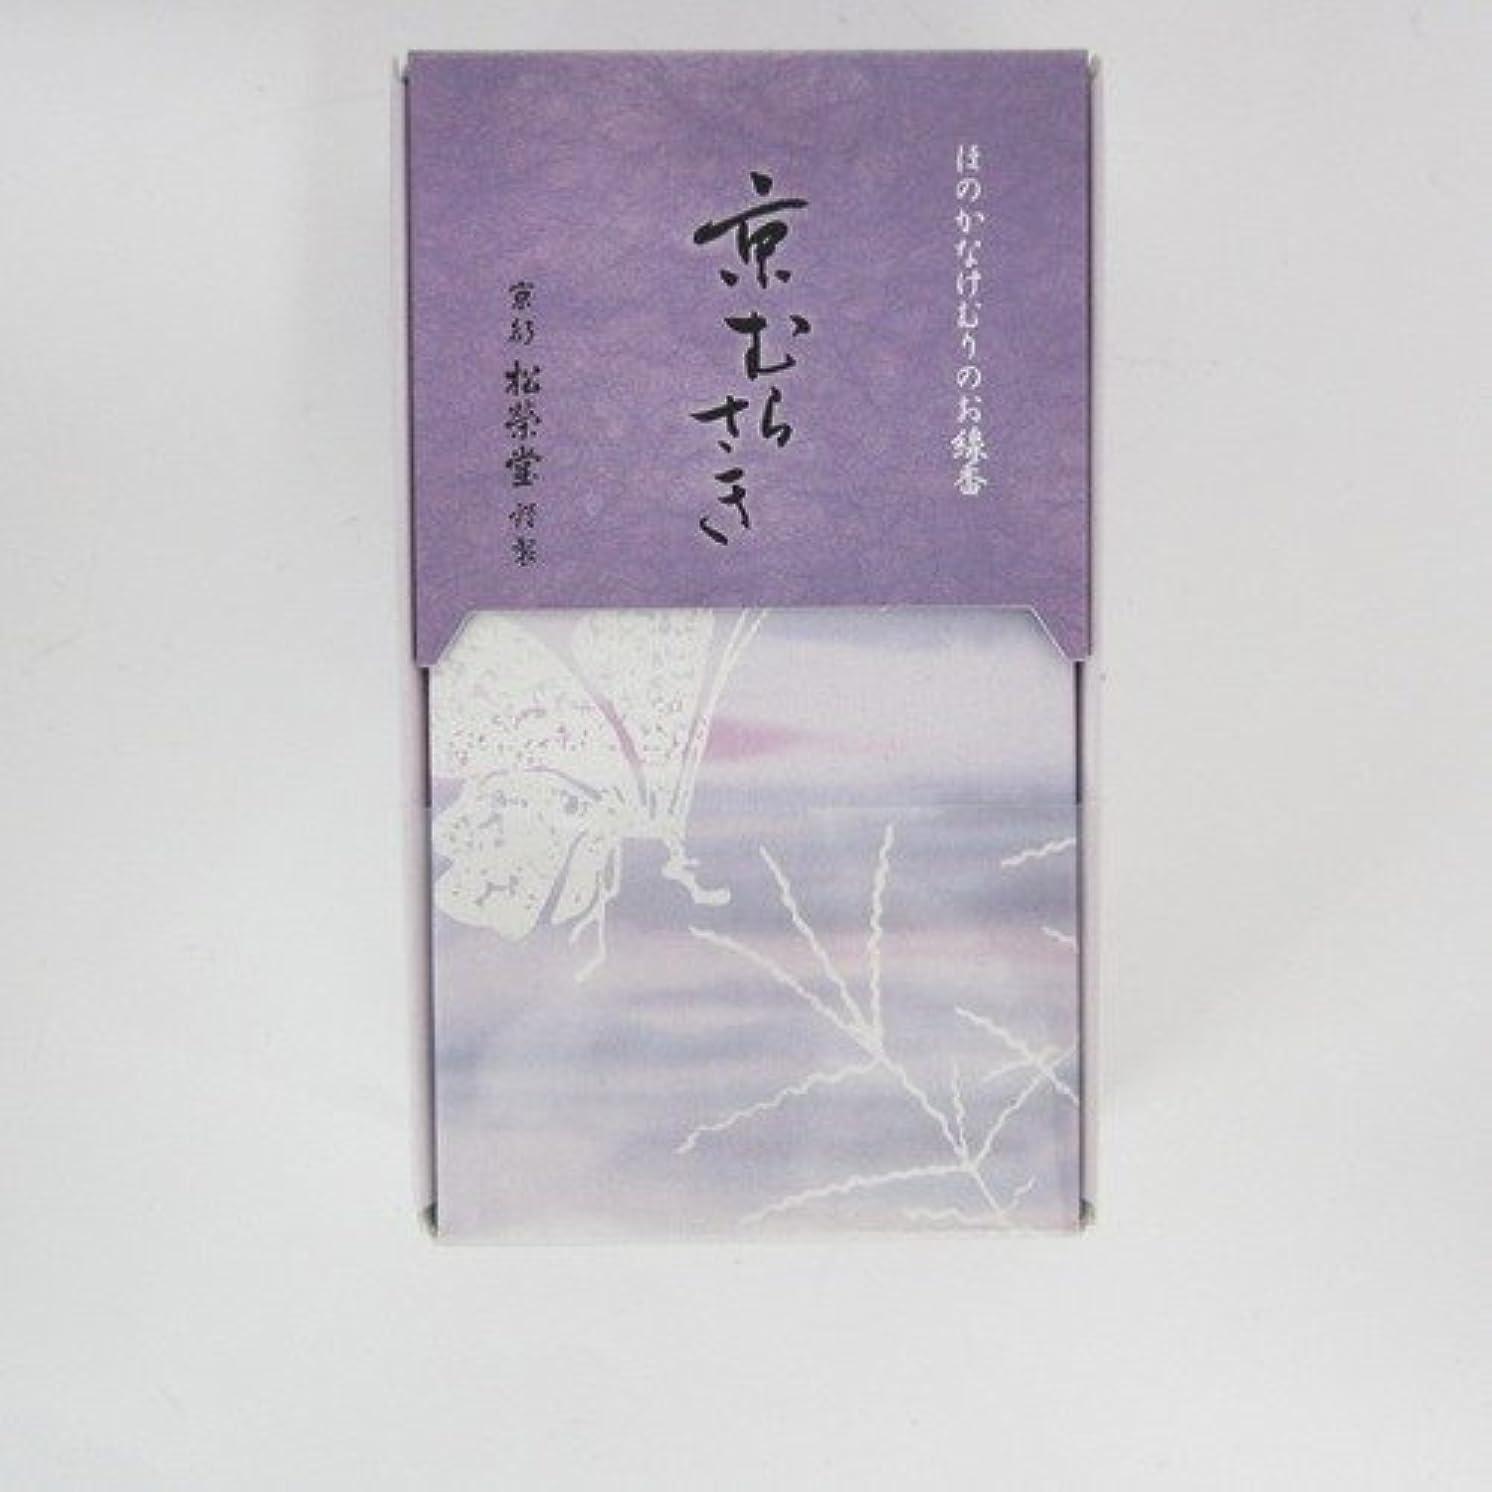 早める基本的なベール松栄堂 玉響シリーズ 京むらさき 45g